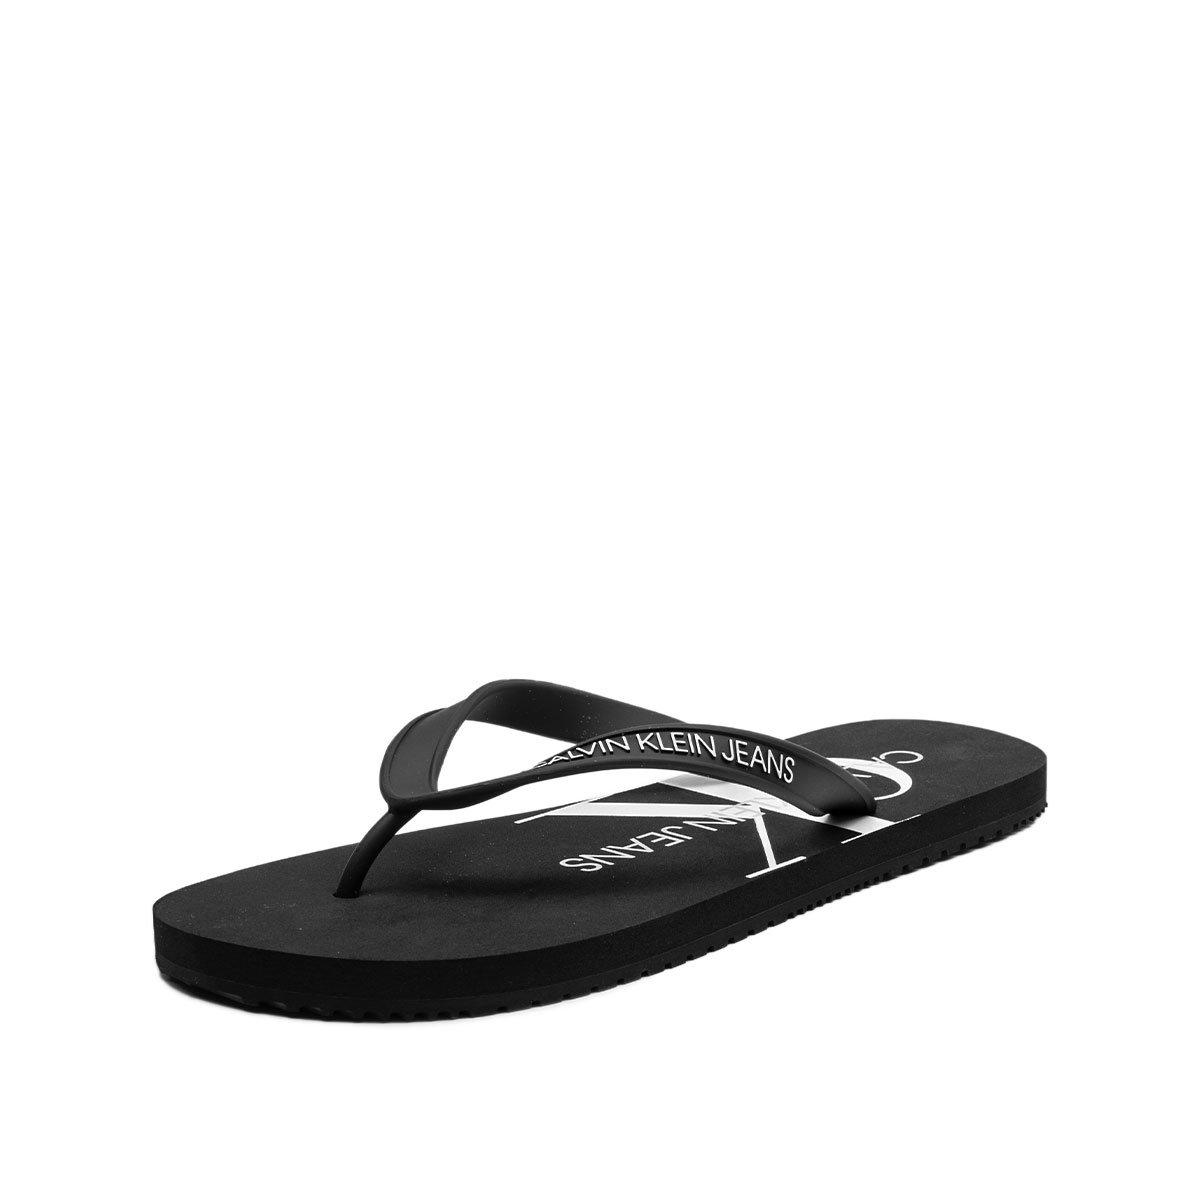 Calvin Klein Beach Sandal Monogram TPU